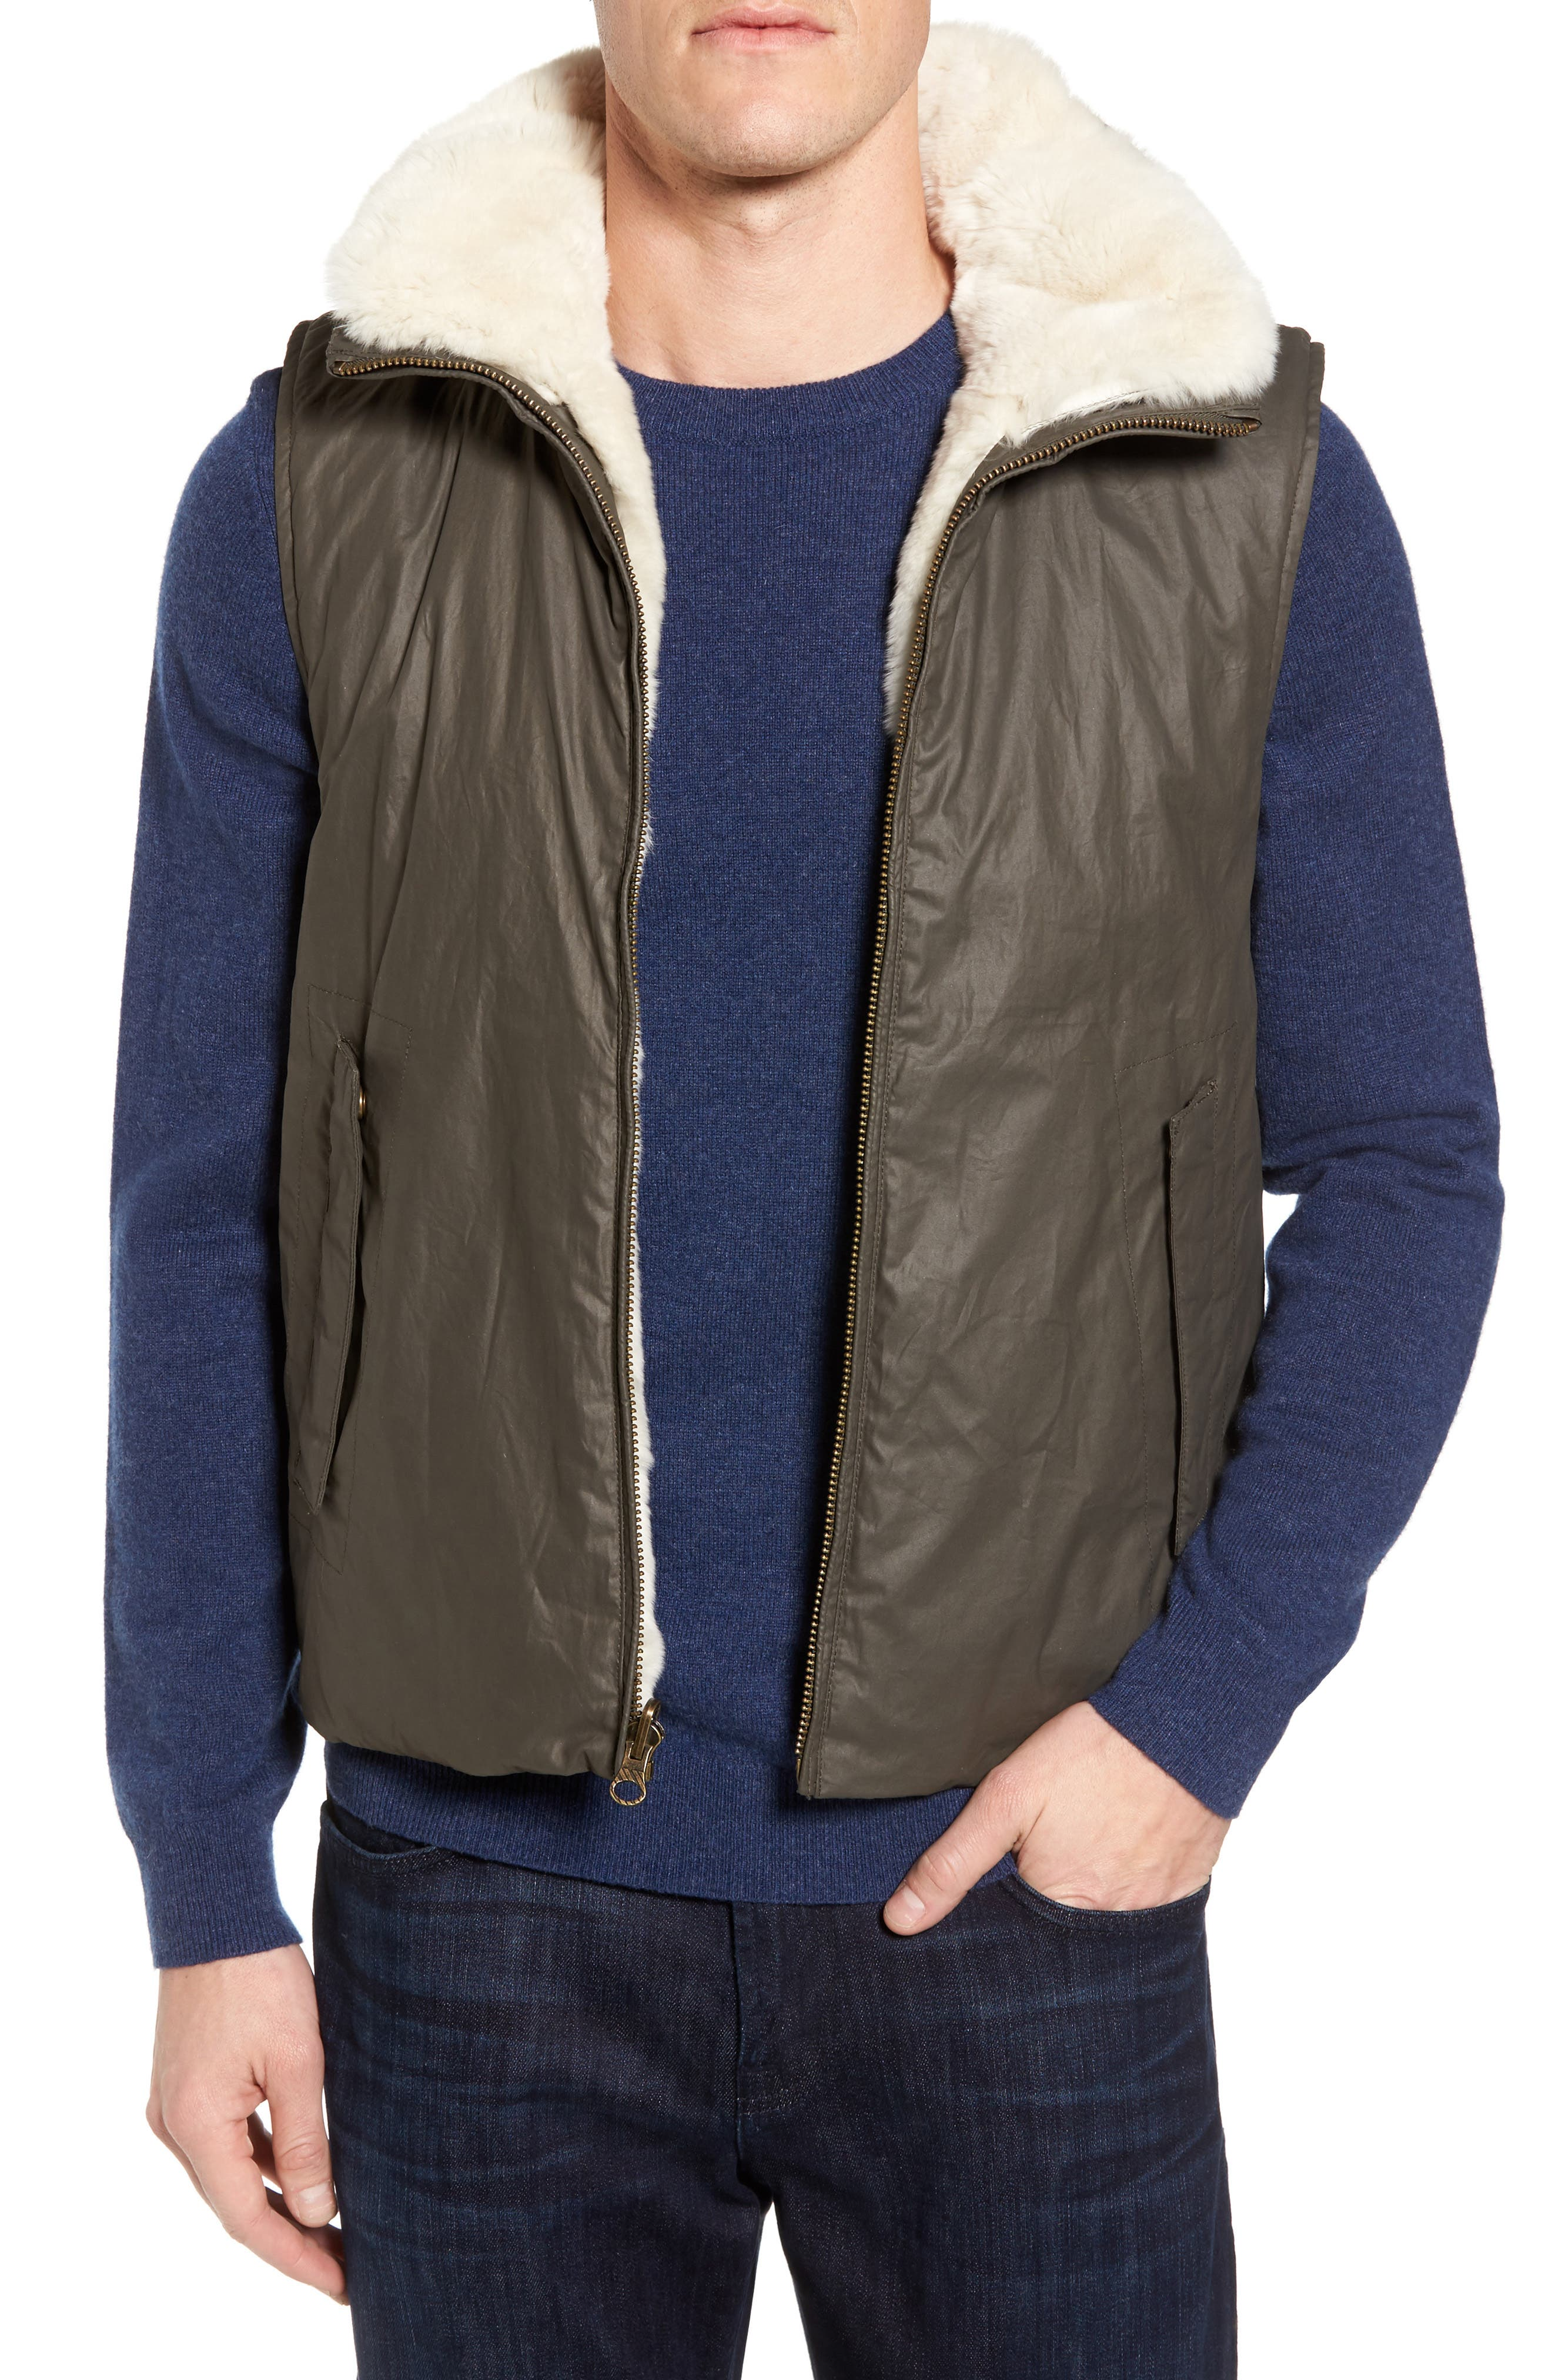 Alternate Image 1 Selected - Billy Reid Water-Resistant Genuine Rabbit Fur Lined Vest